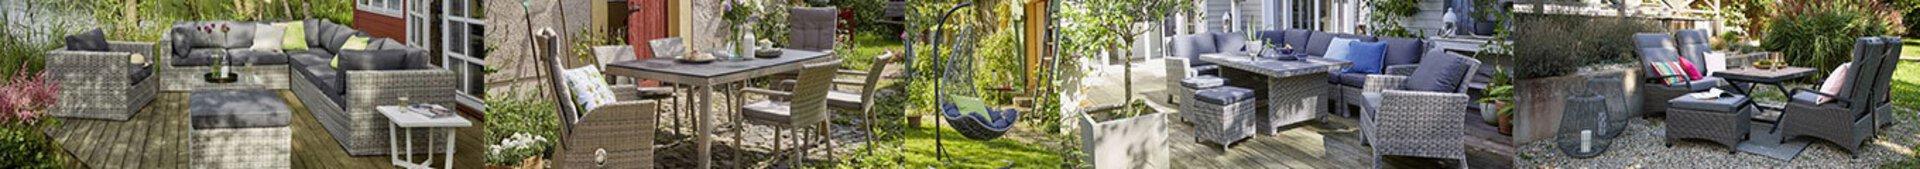 Bannerbild der Inhofer Eigenmarke Outdoor - Gartenmöbel mit Flair.